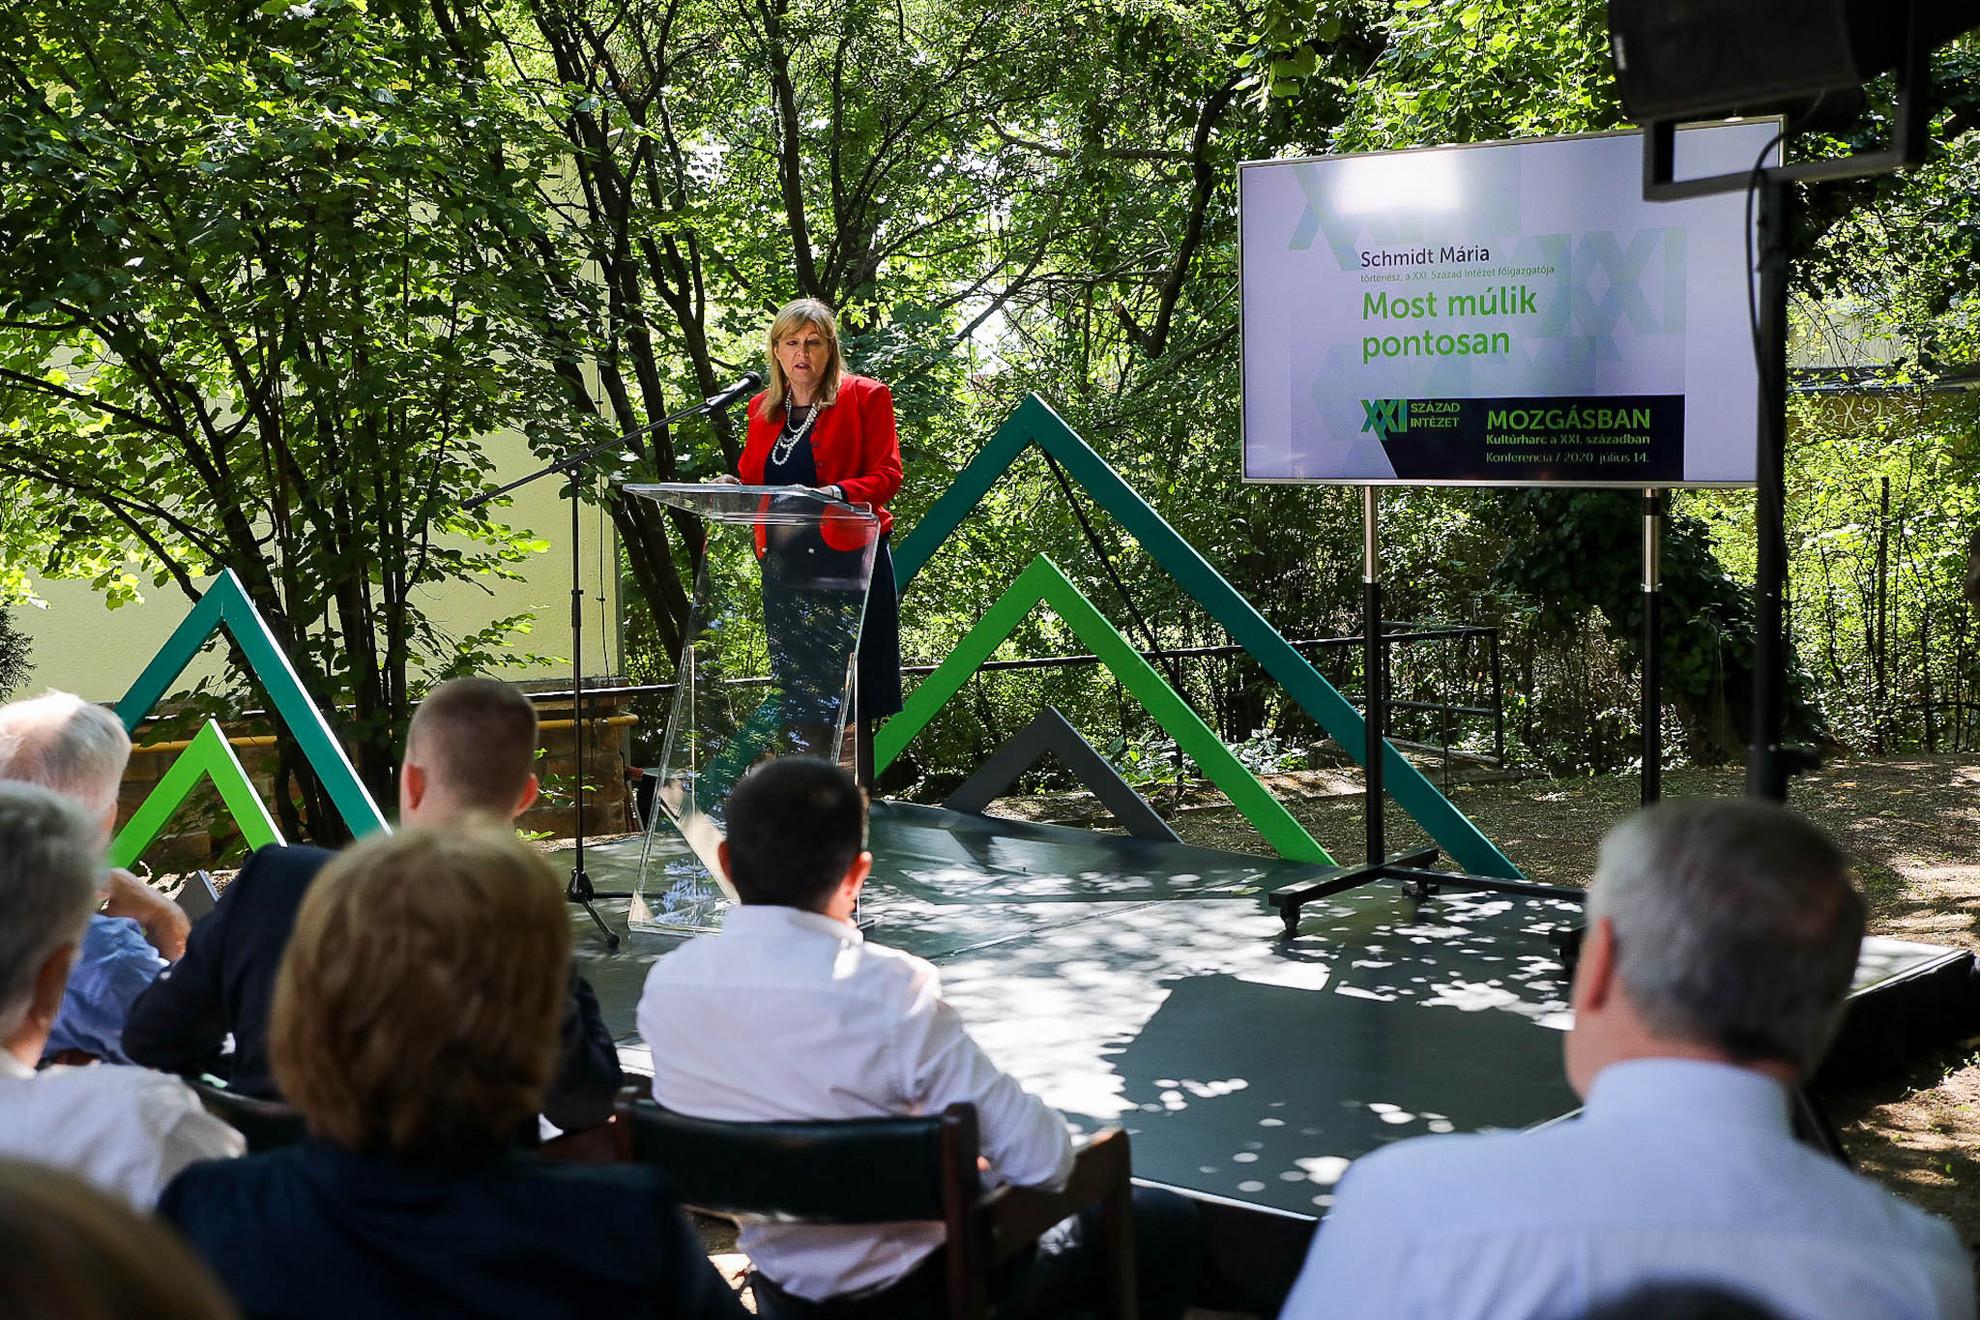 Schmidt Mária: Magyarország megtanulta, hogy a jövő nyitott és rajtunk áll,a legmostohább körülmények között is van, miben reménykedni